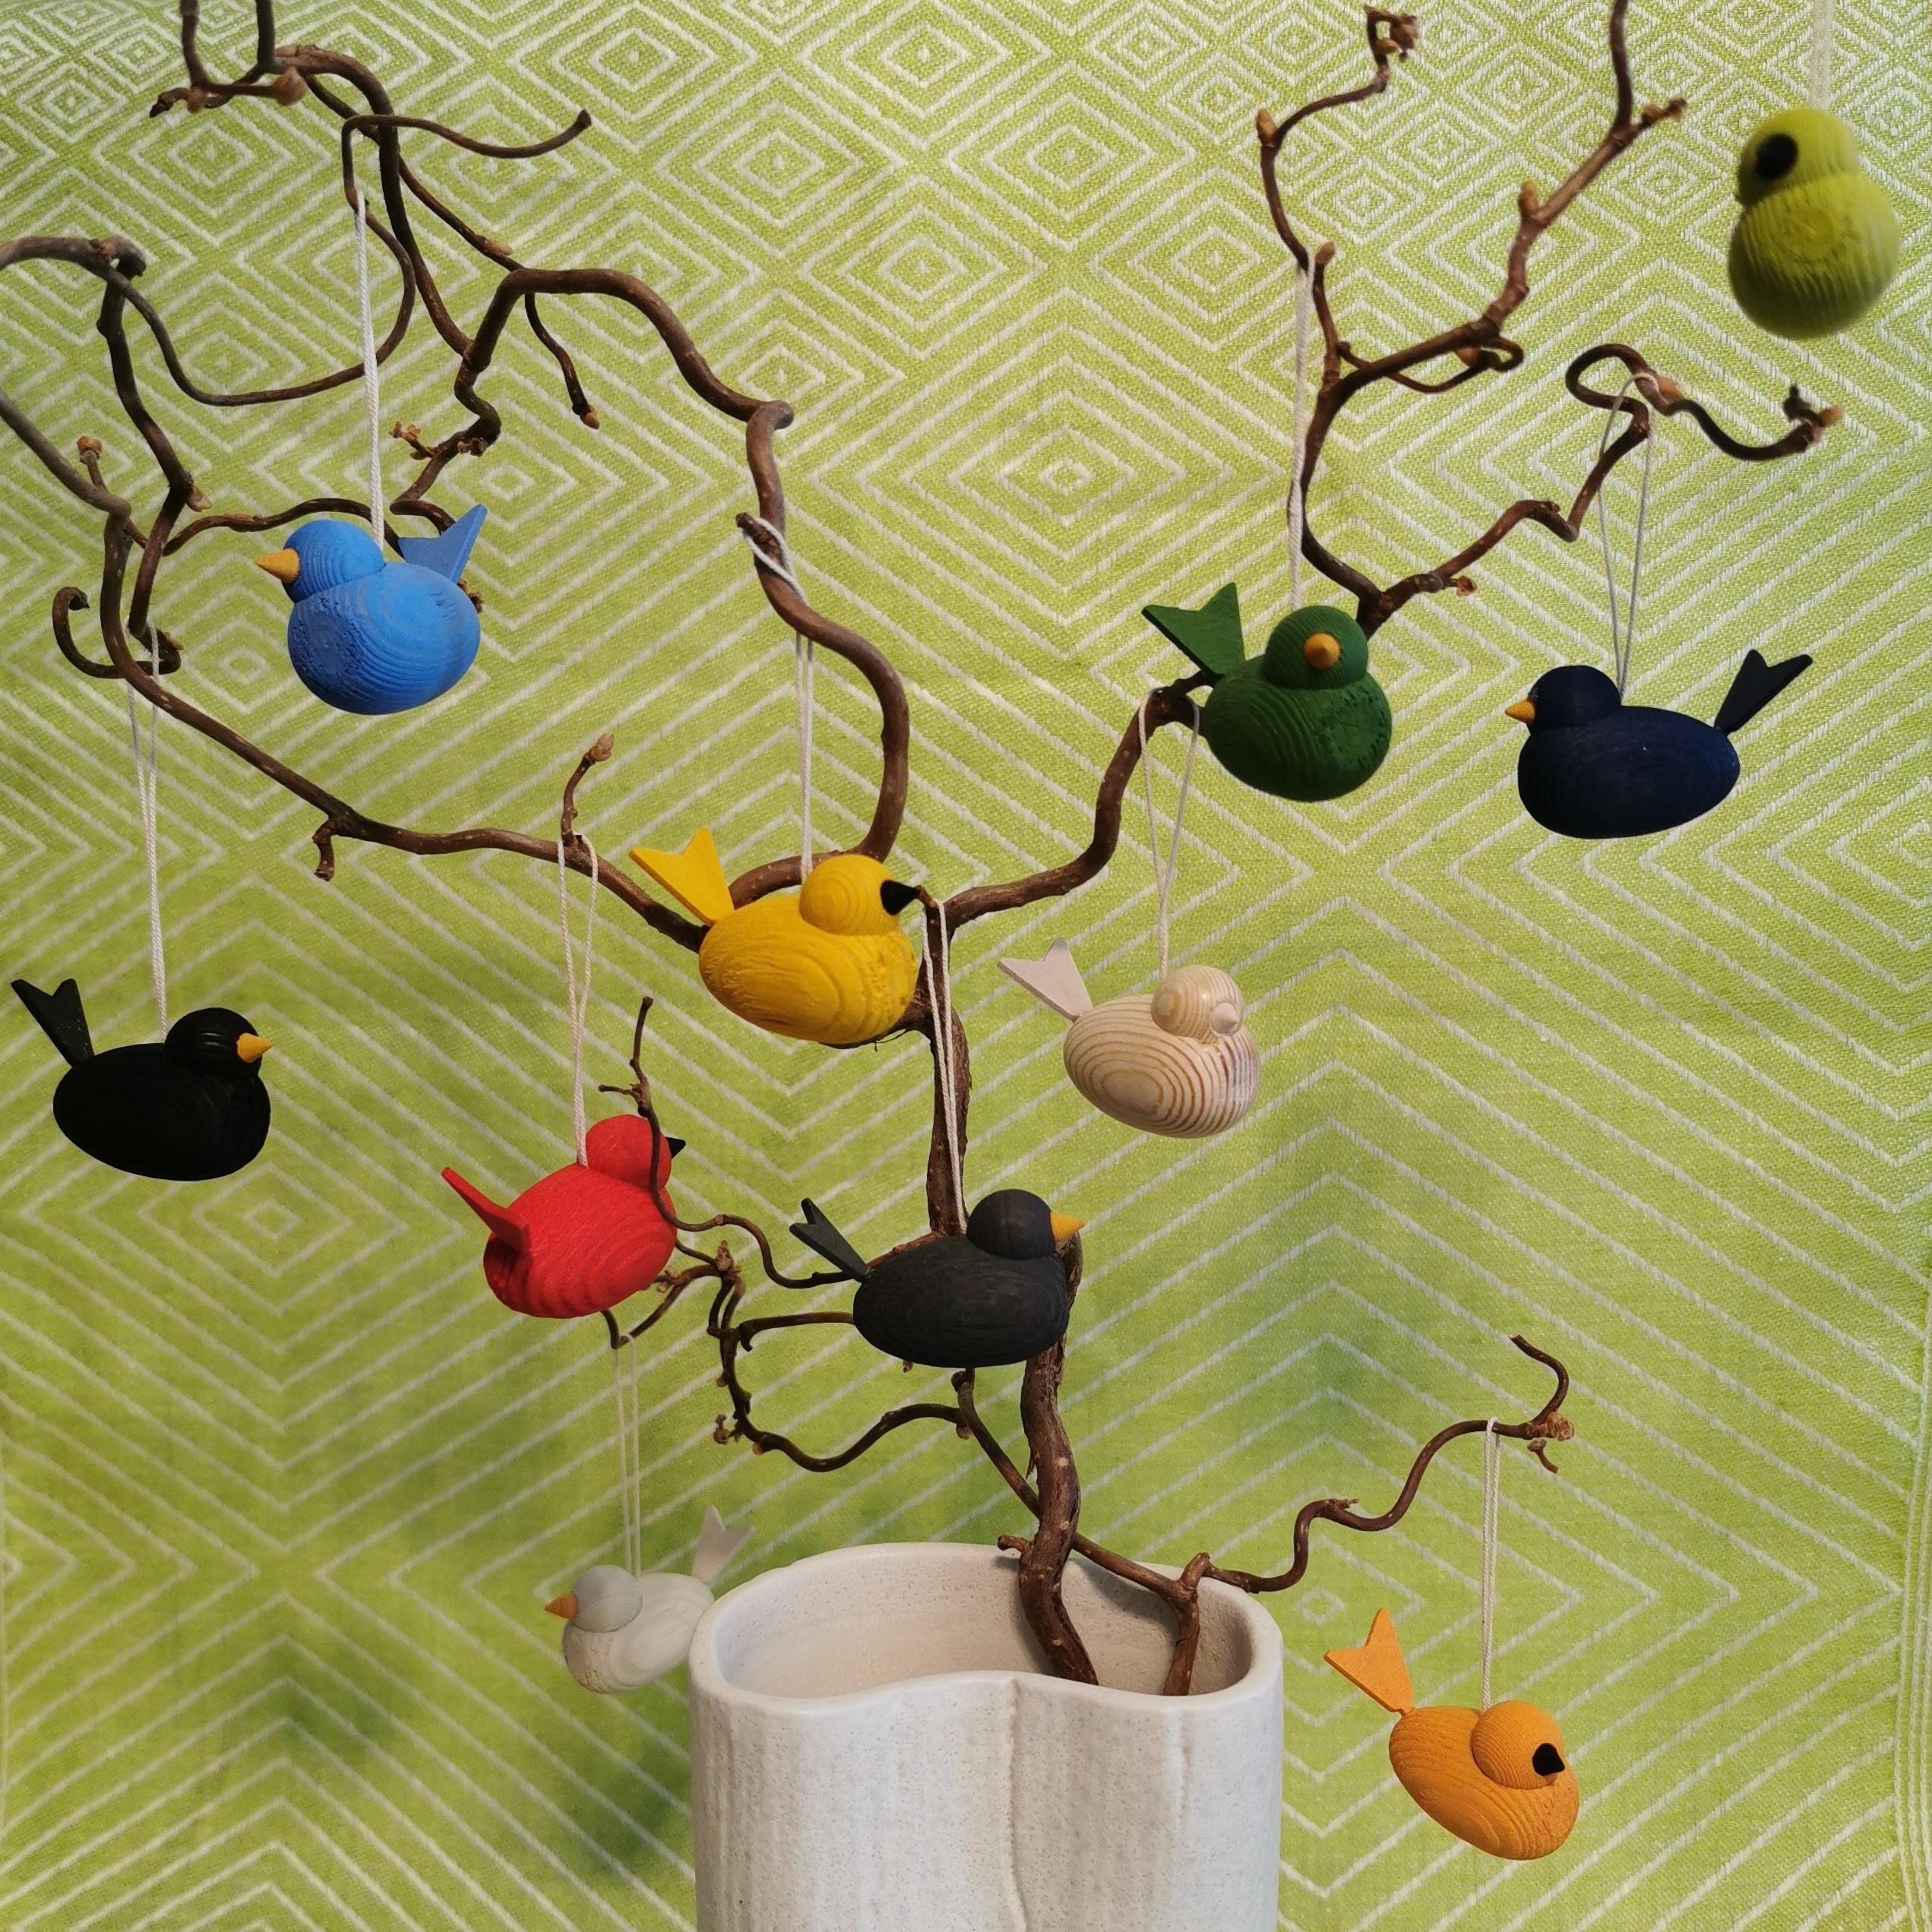 Dekorativa små fåglar hängen Skattkistan